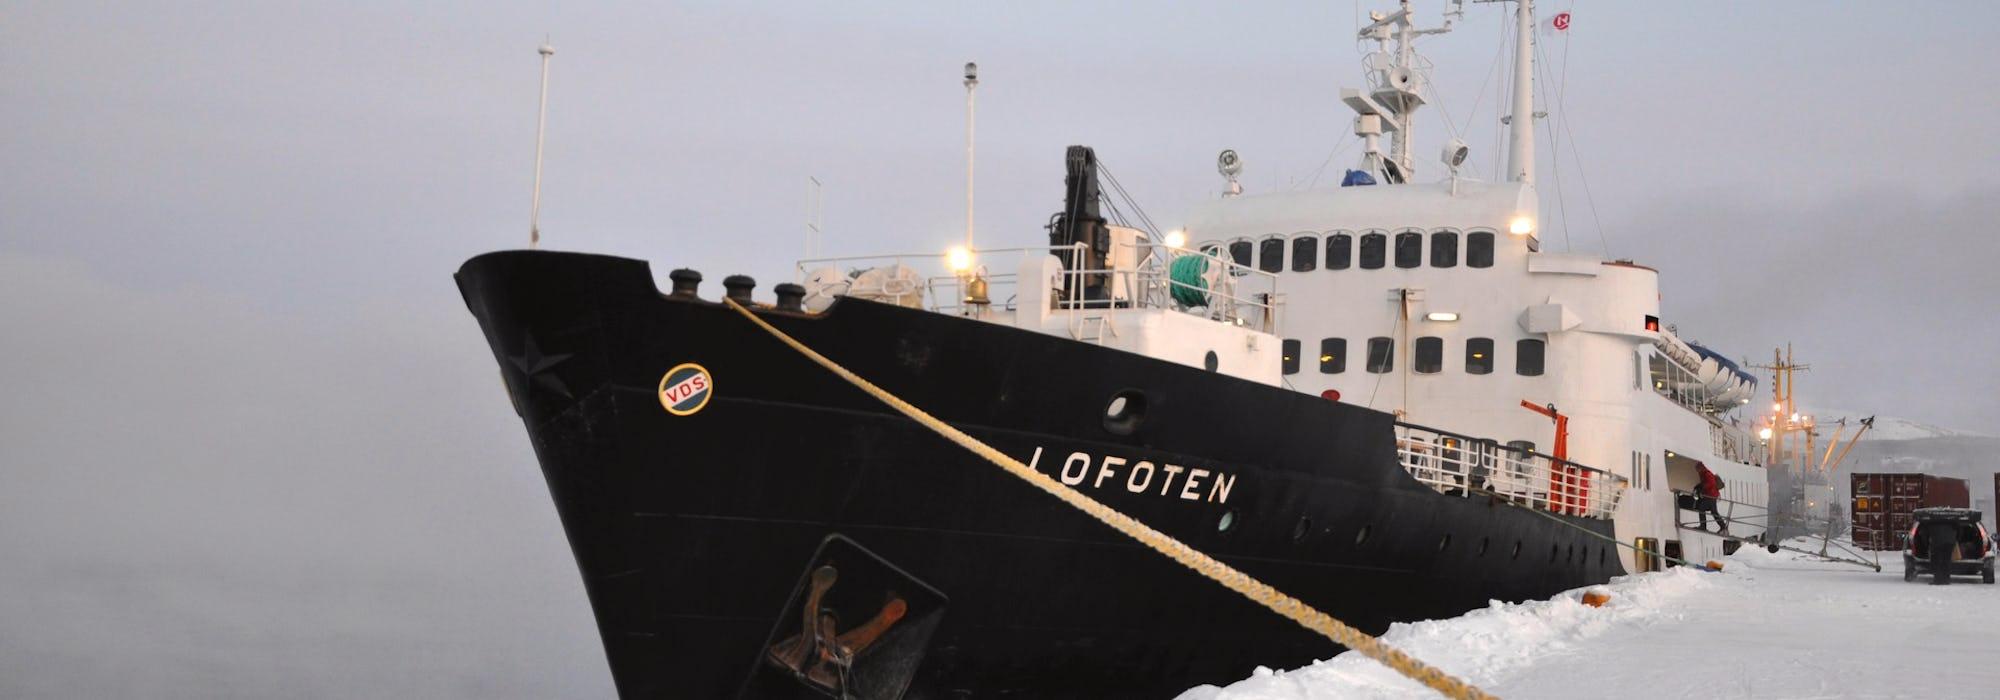 MS Lofoten